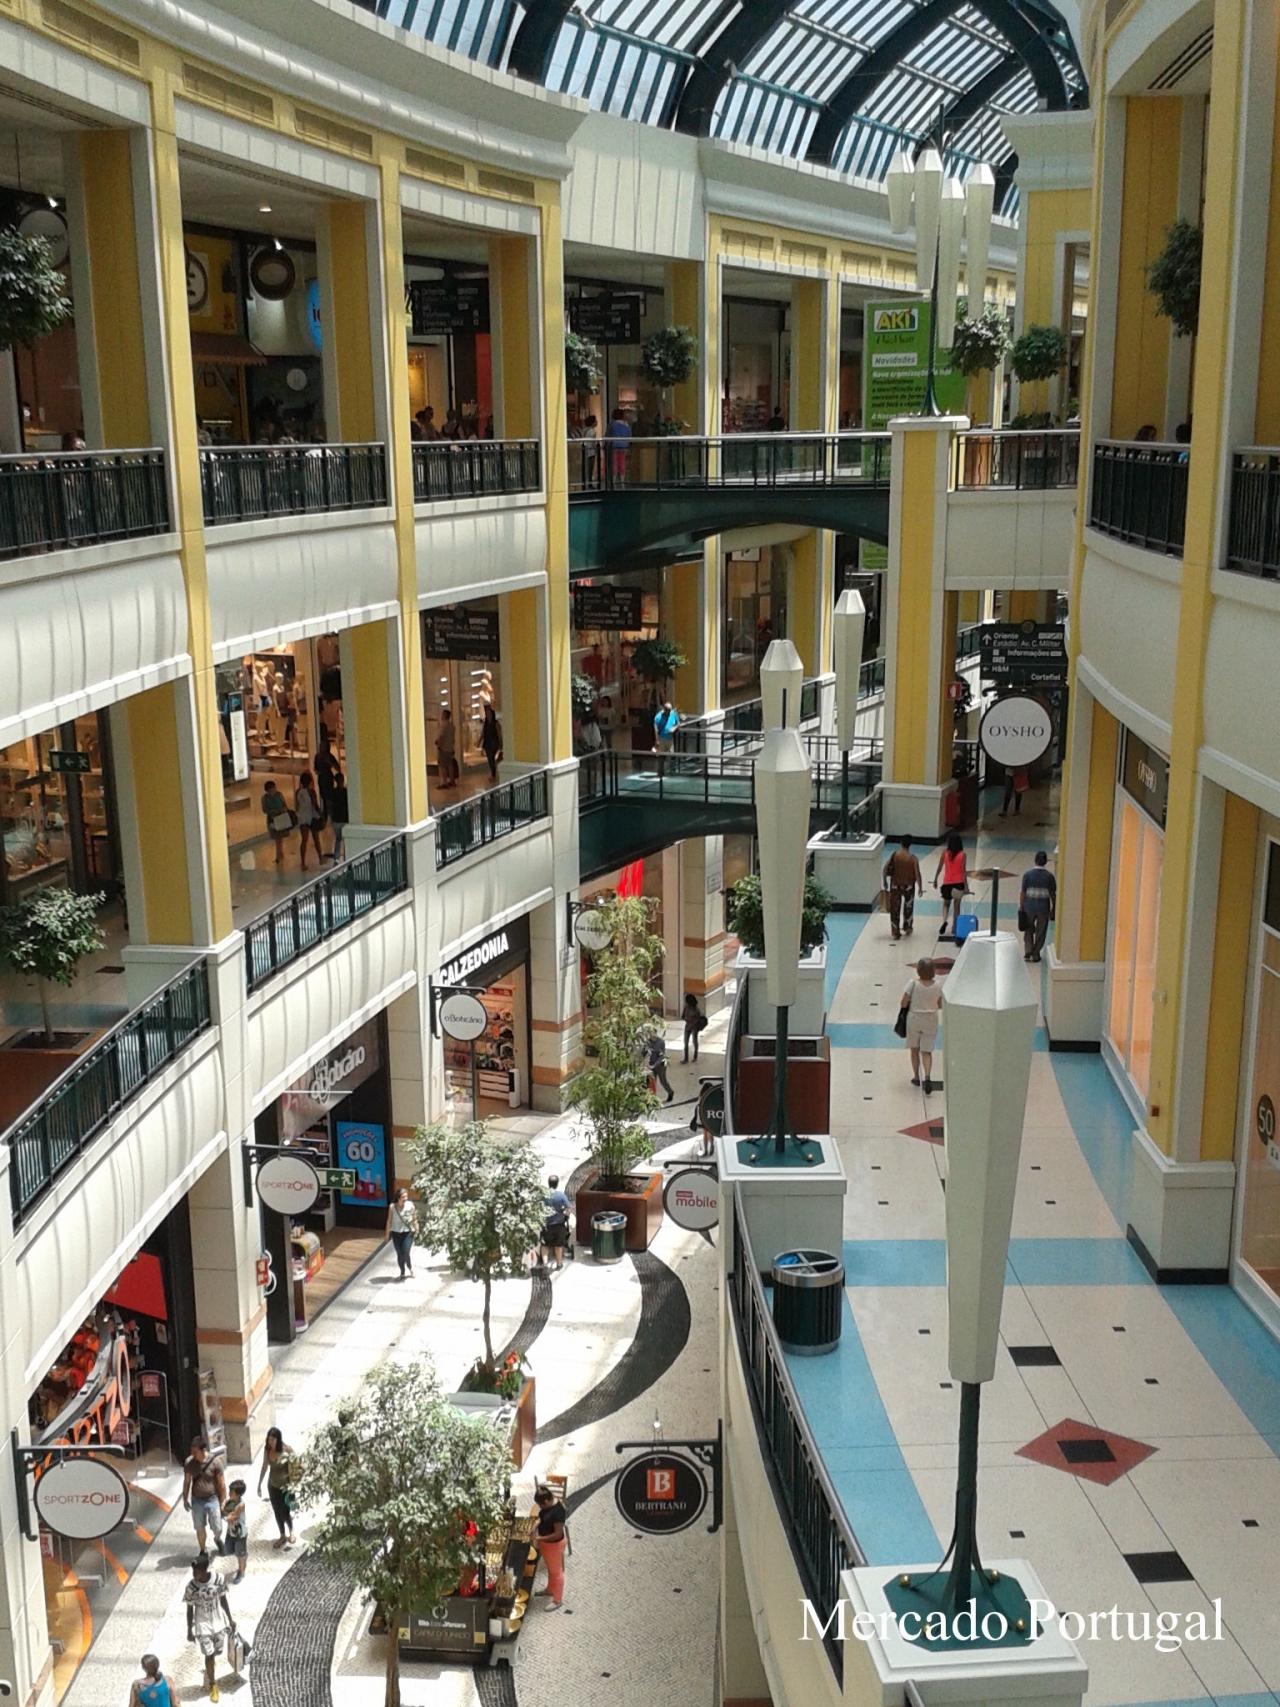 リスボンのコロンボショッピングセンター